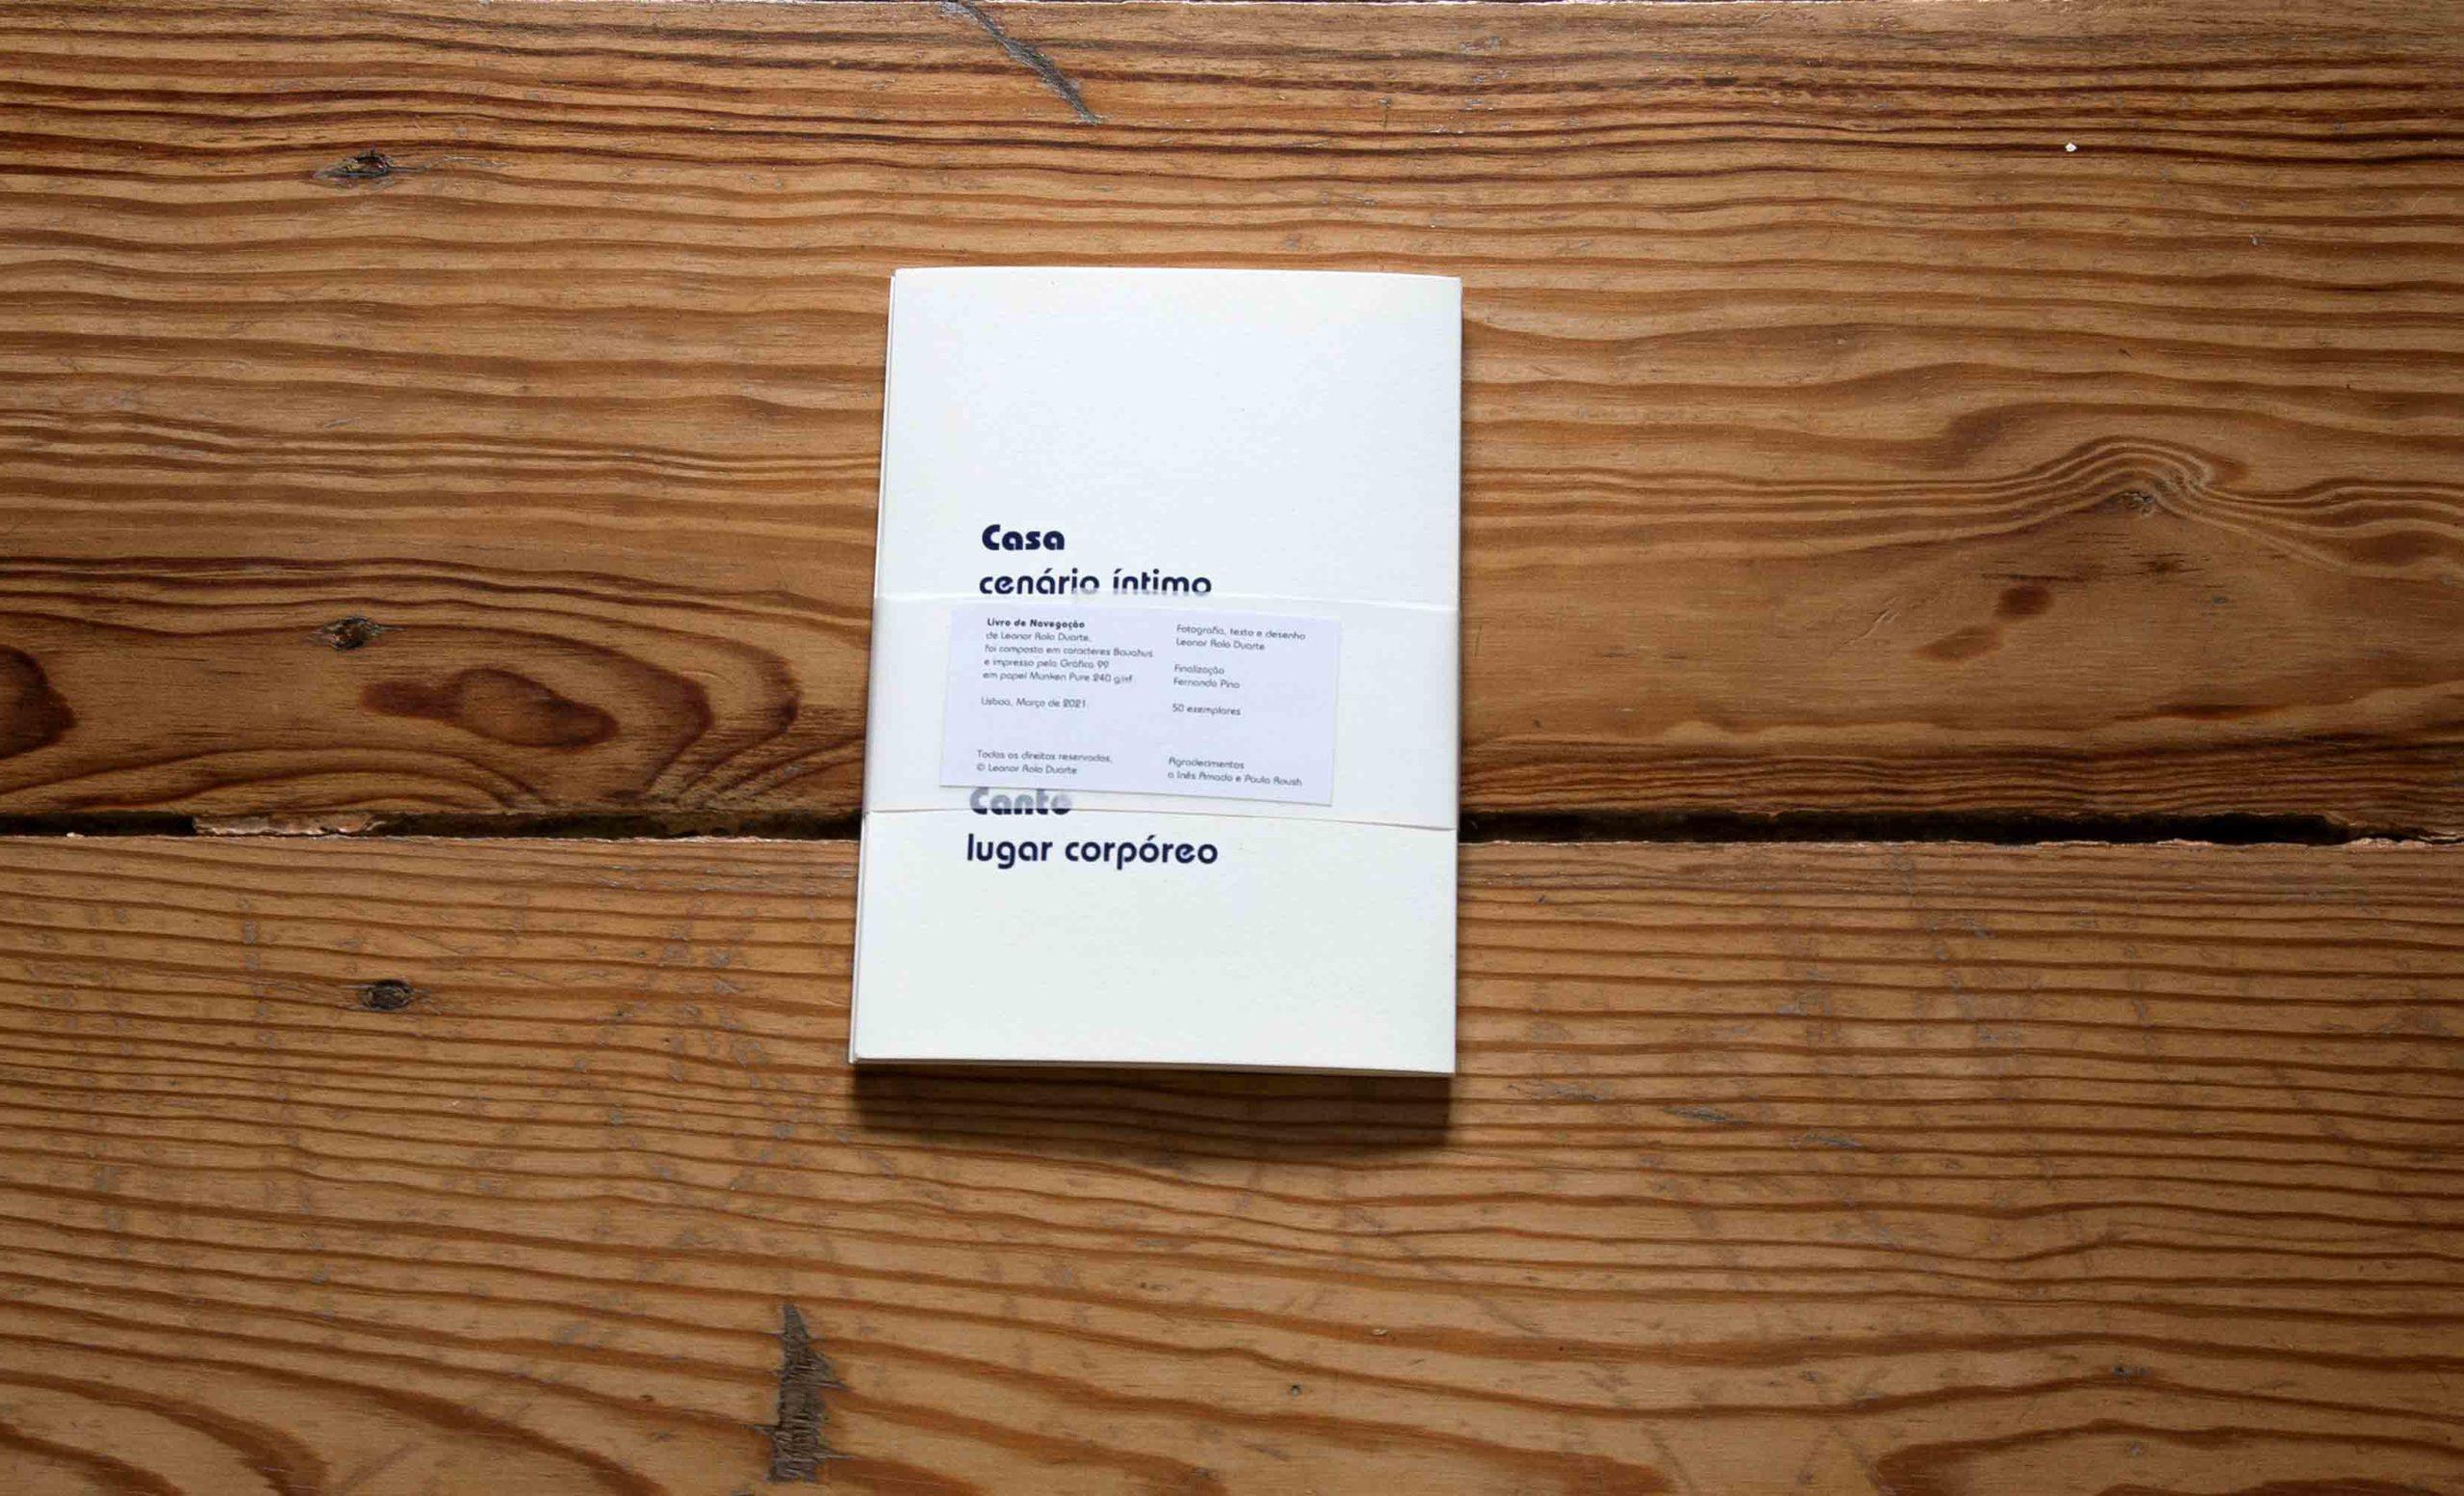 leonor-duarte-livro-navegacao-06